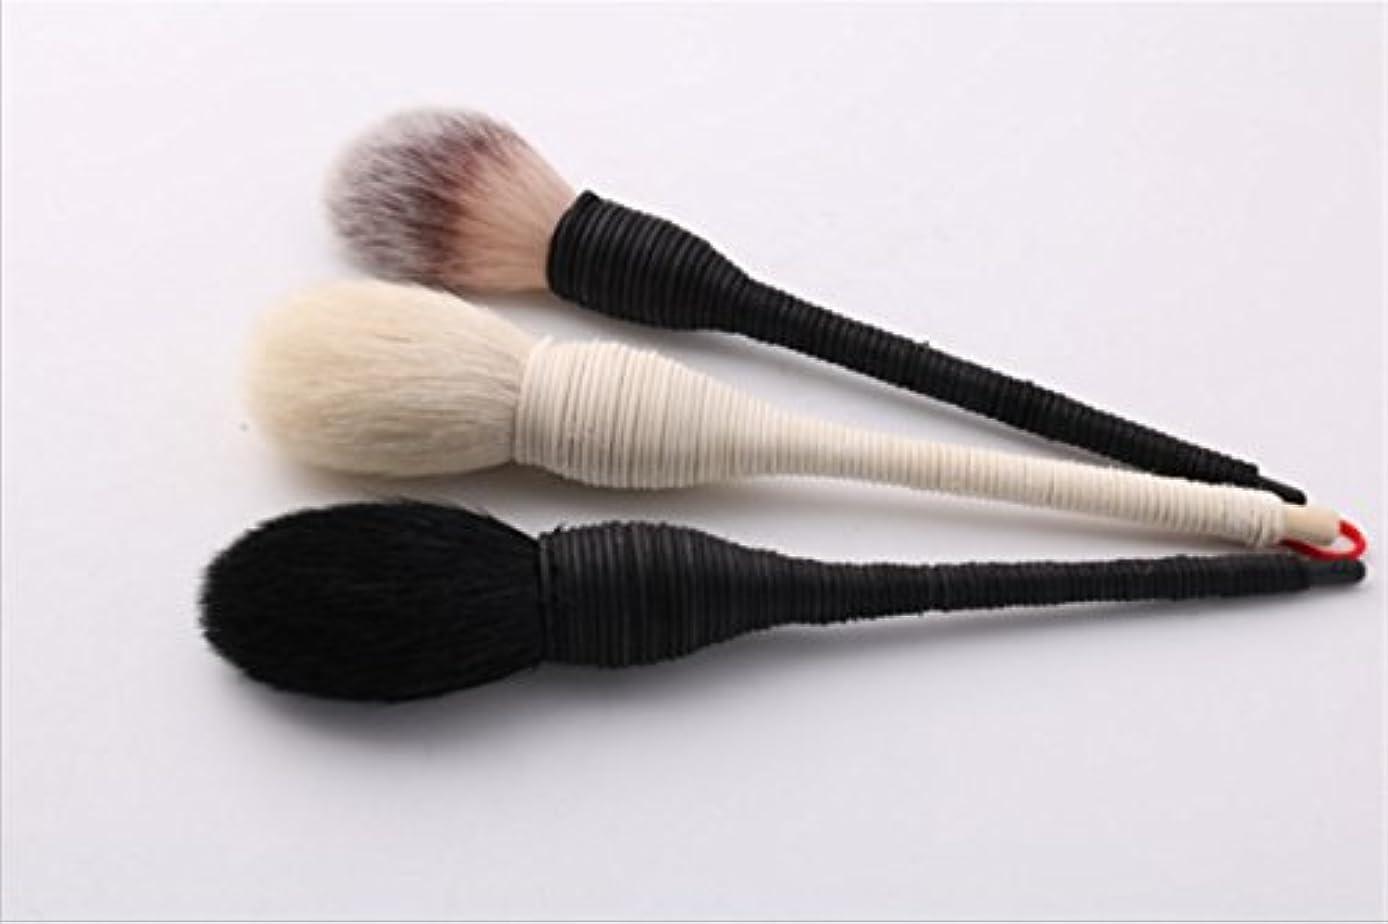 削るゆるい反逆BEE&BLUE メイクブラシセット ブラシ メイク 化粧ブラシセット化粧筆 セット 道具 プレゼント ギフト 贈り物